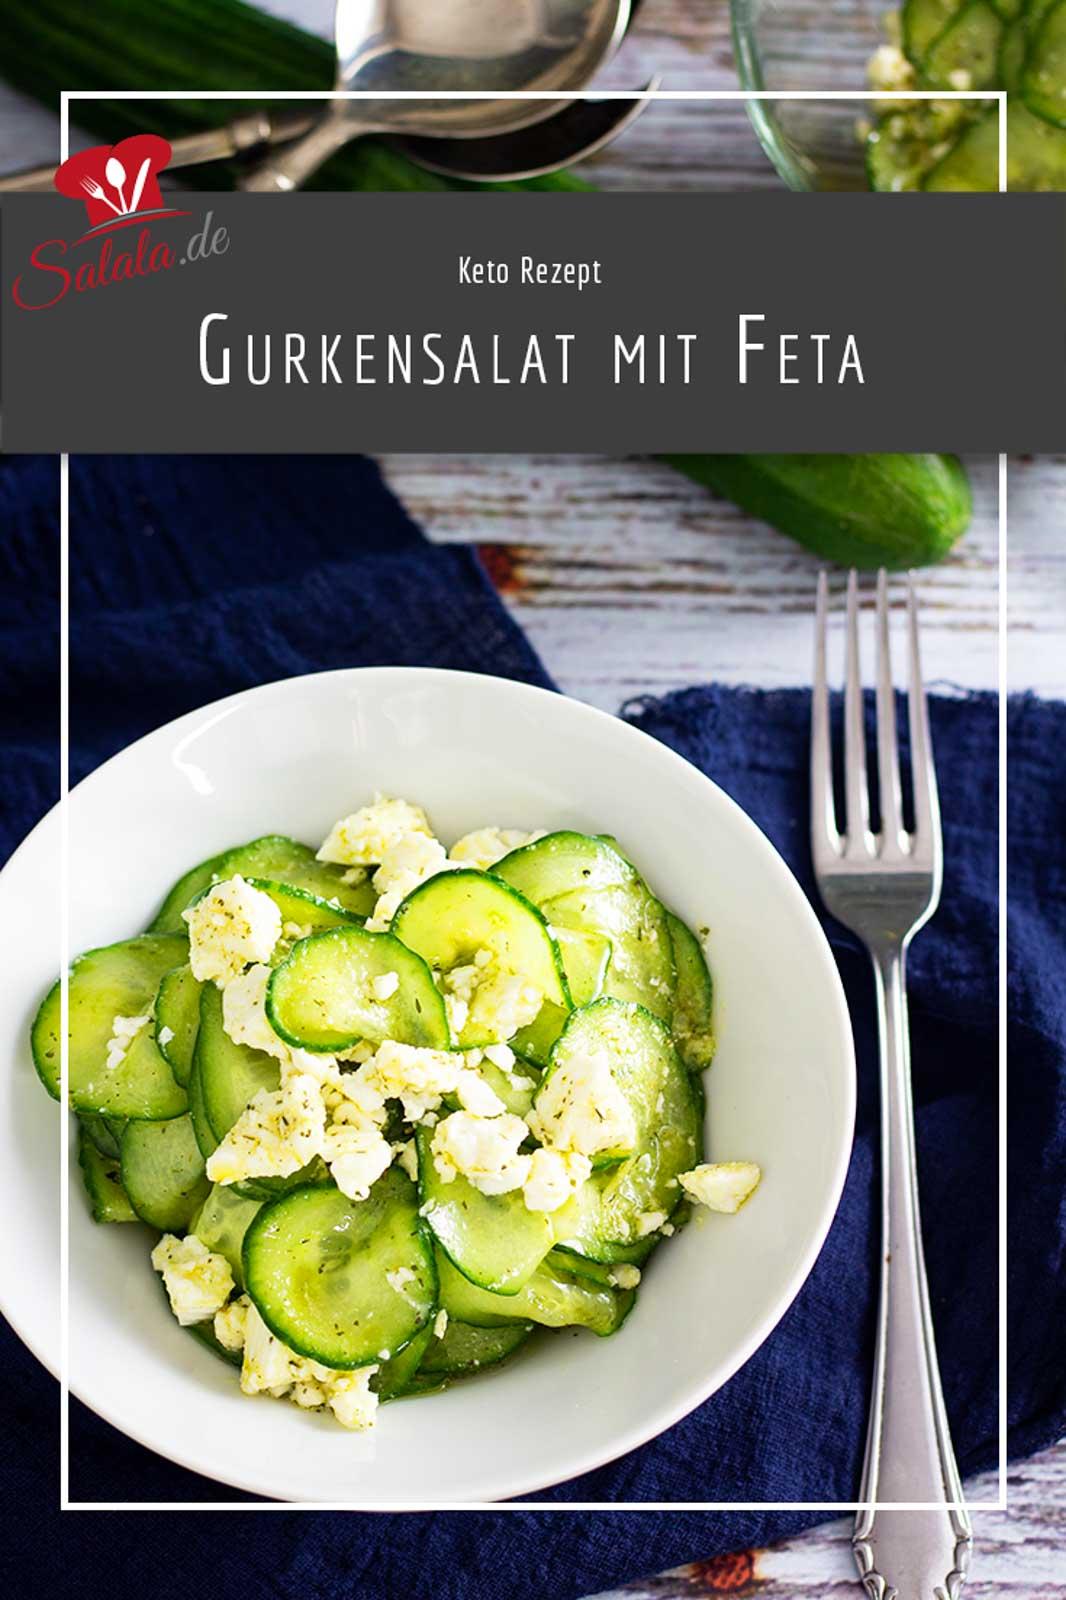 Gurkensalat ist total einfach und so schnell selber gemacht. Wenn du ihn ein wenig aufpeppen willst, dann brösel Feta mit rein, haben wir nämlich so gemacht :). Und ganz ohne Zucker ist er auch schön Low Carb und Keto.  #gurkensalat #gurkensalatrezept #lowcarbrezepte #gurkensalatmitfeta #gurkensalatselbermachen #salatsoße #lowcarbsalat #salatsoßeselbermachen